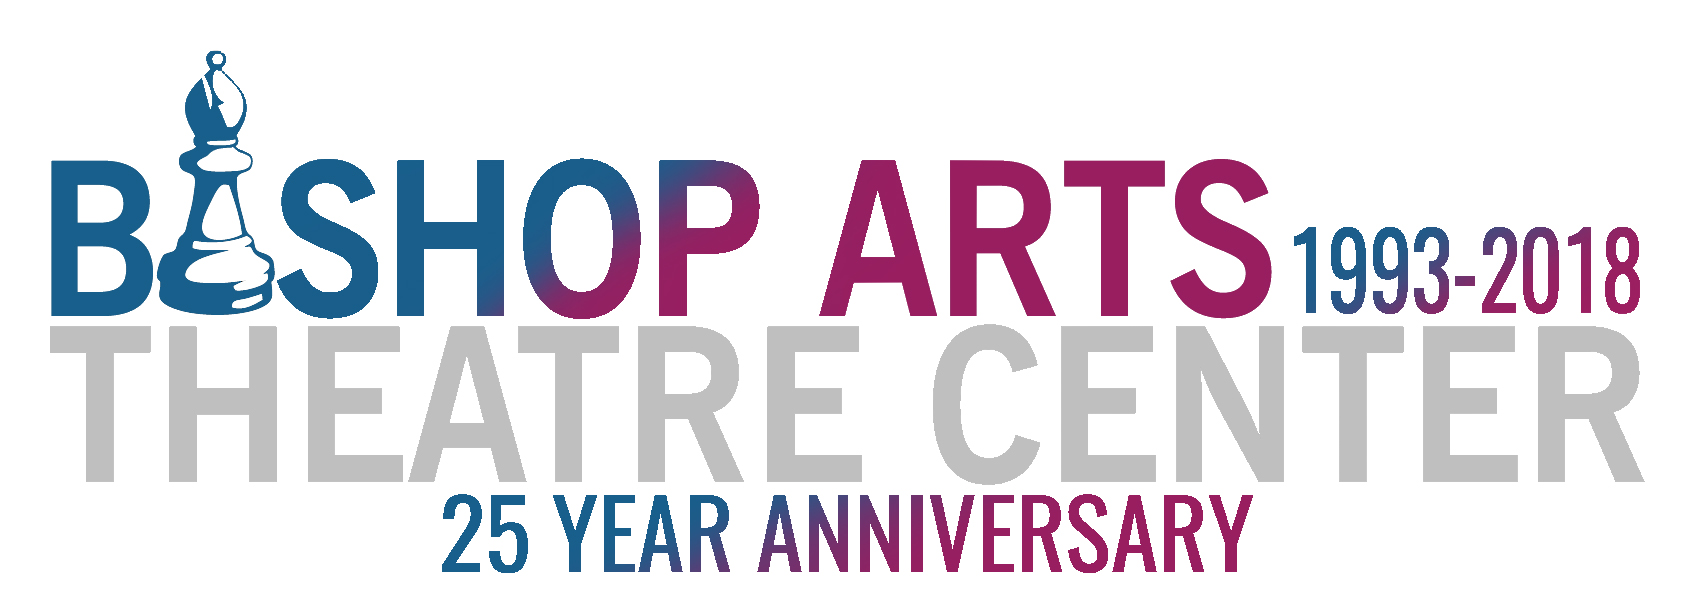 Bishop Arts Theatre Center